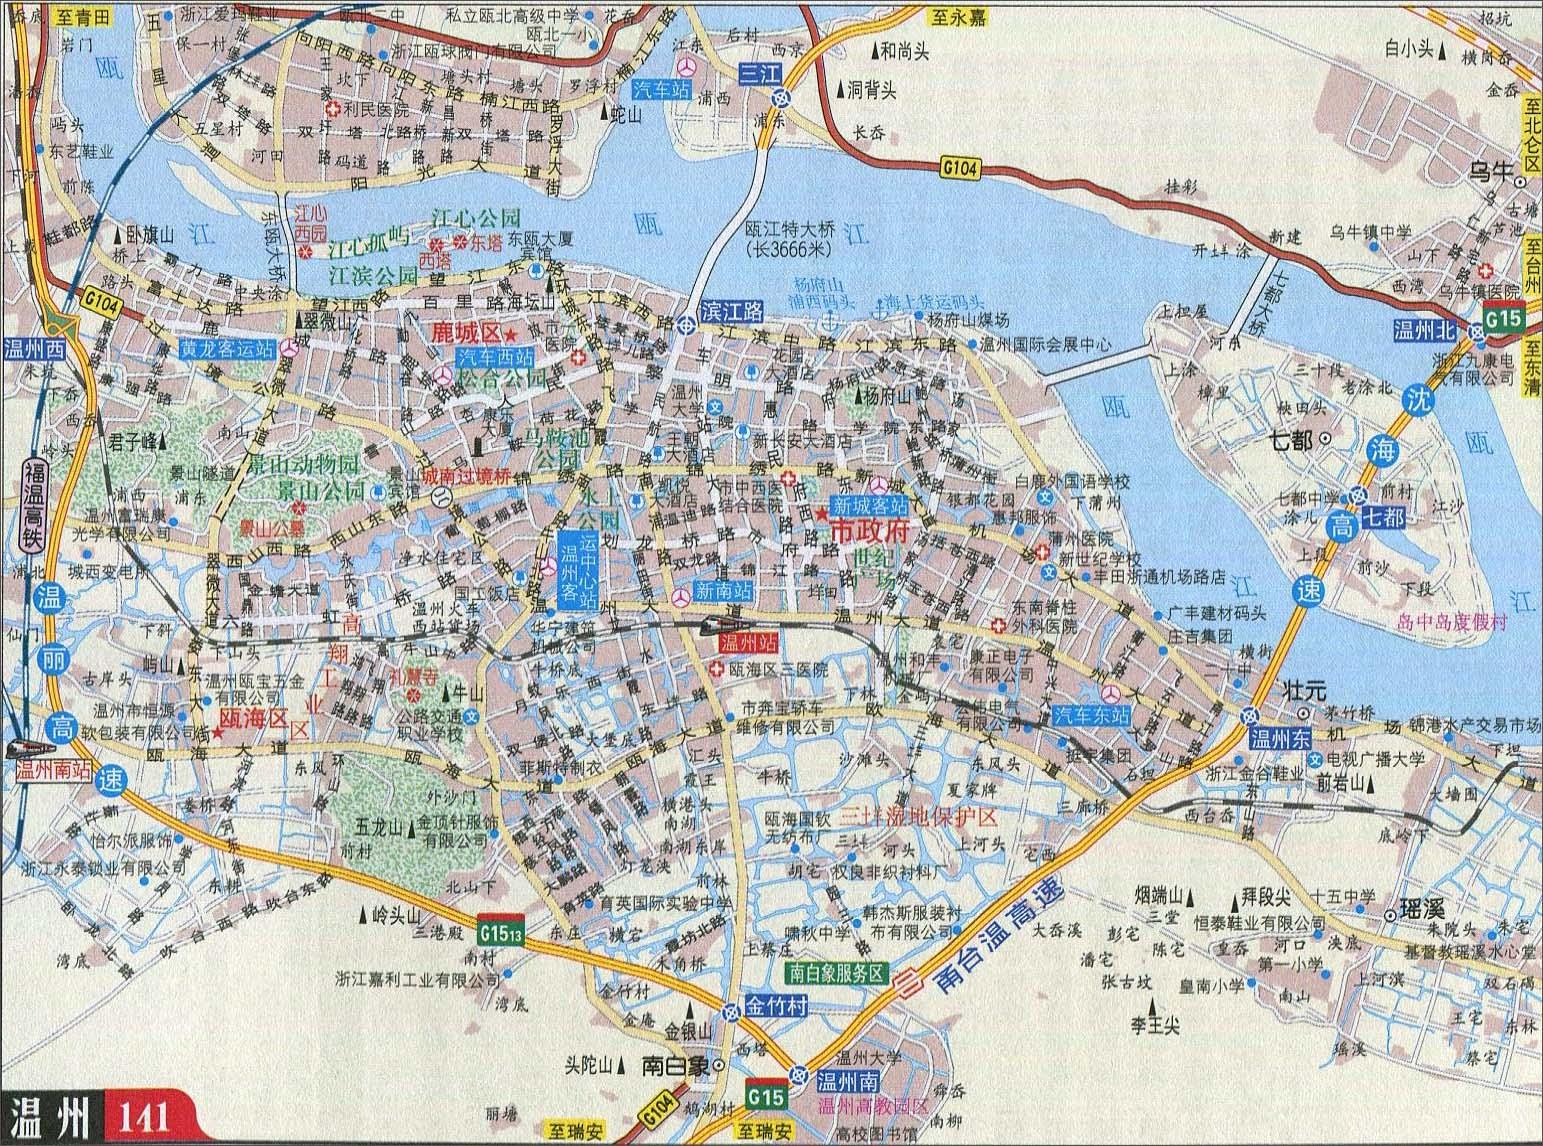 杭州至舟山自驾游路线图